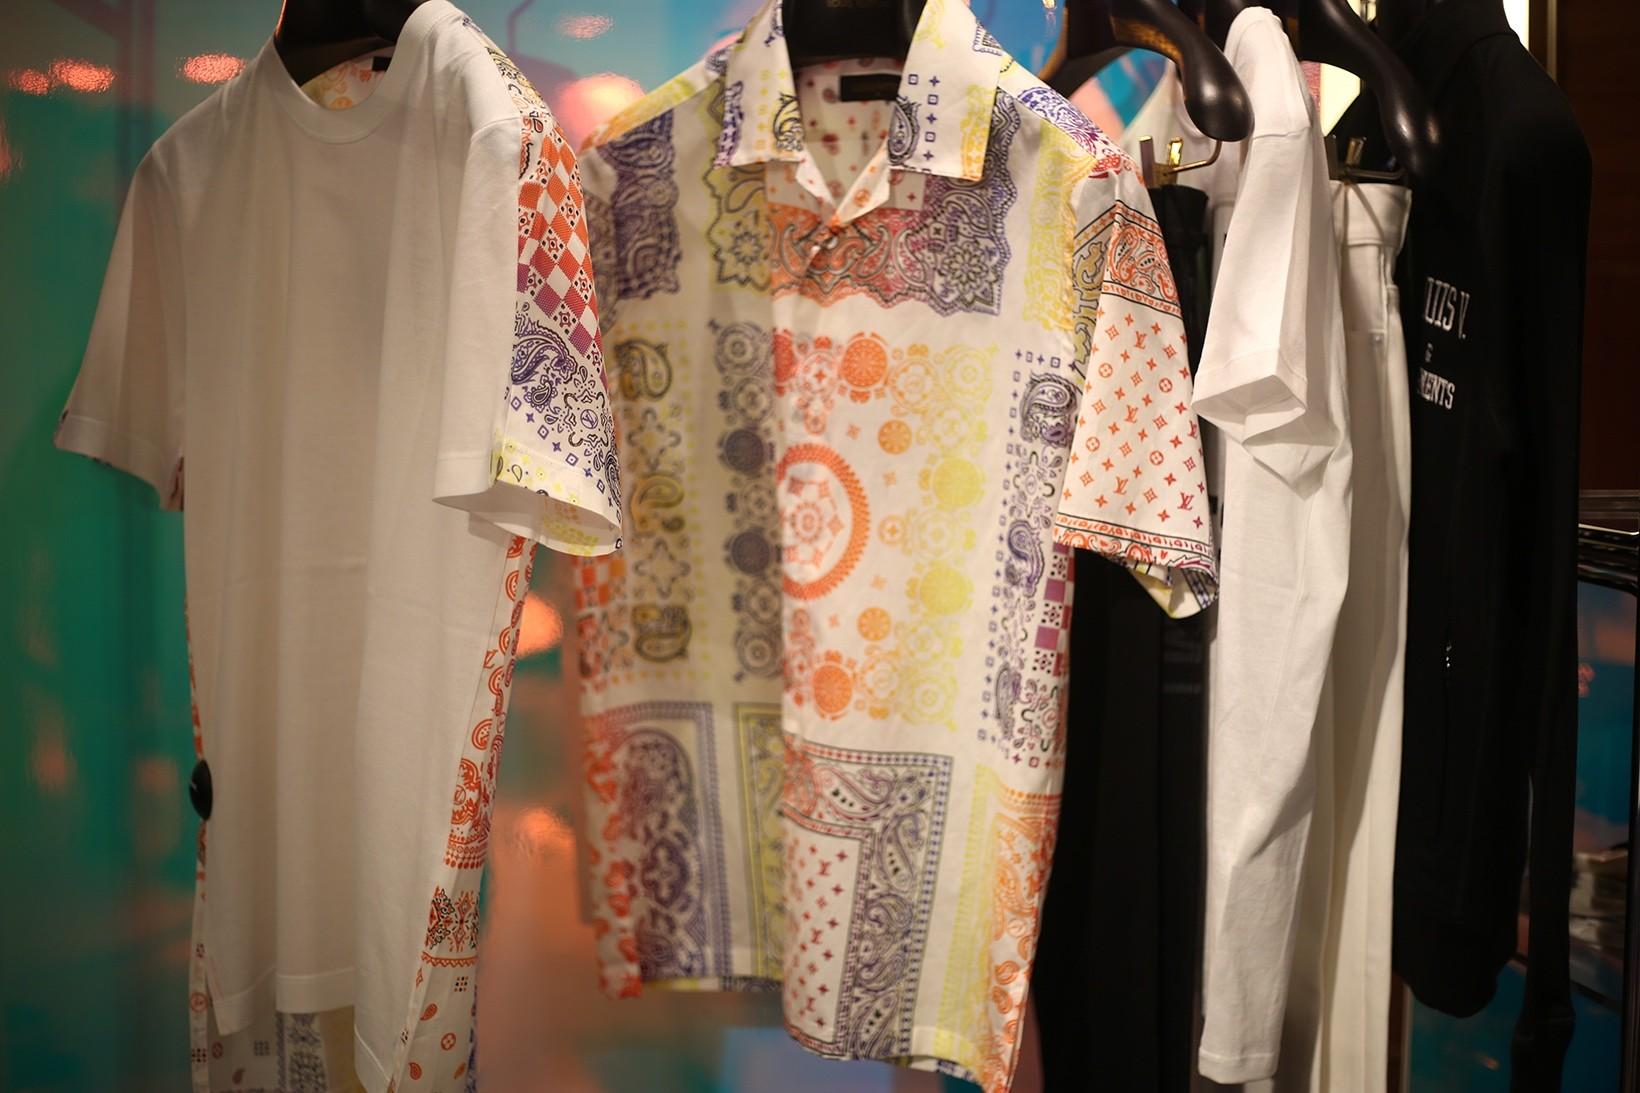 Loja pop-up fragment design e Louis Vuitton em Londres (Foto: Divulgação)